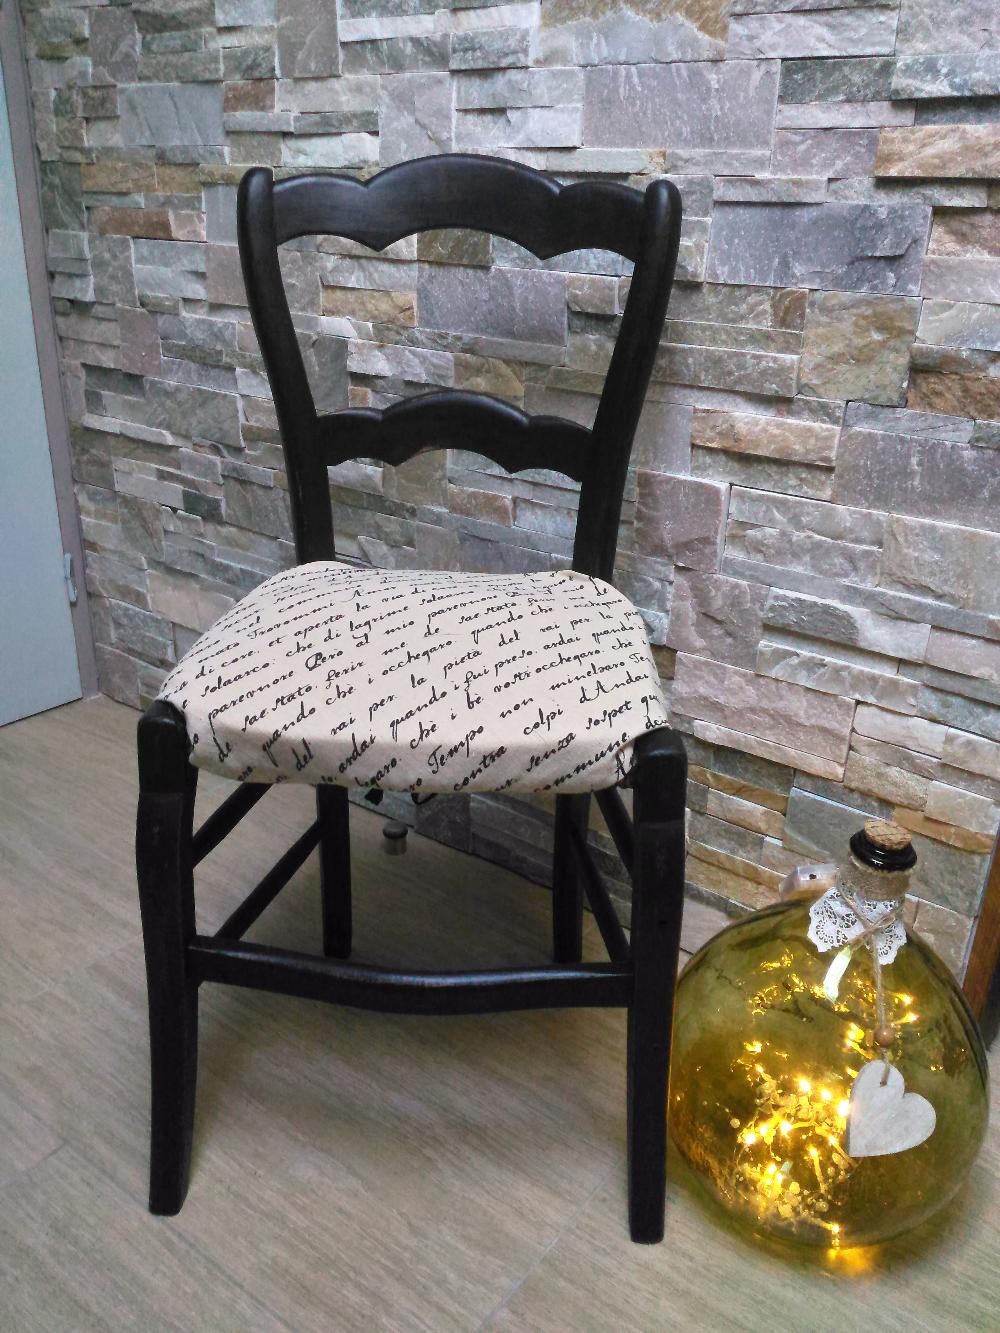 Les Chaises Et Tabourets Creatrice Et Relooking De Meubles Et Objets En Sarthe En 2020 Relooking Chaise Salle A Manger Relooking De Chaise Relooking Meuble